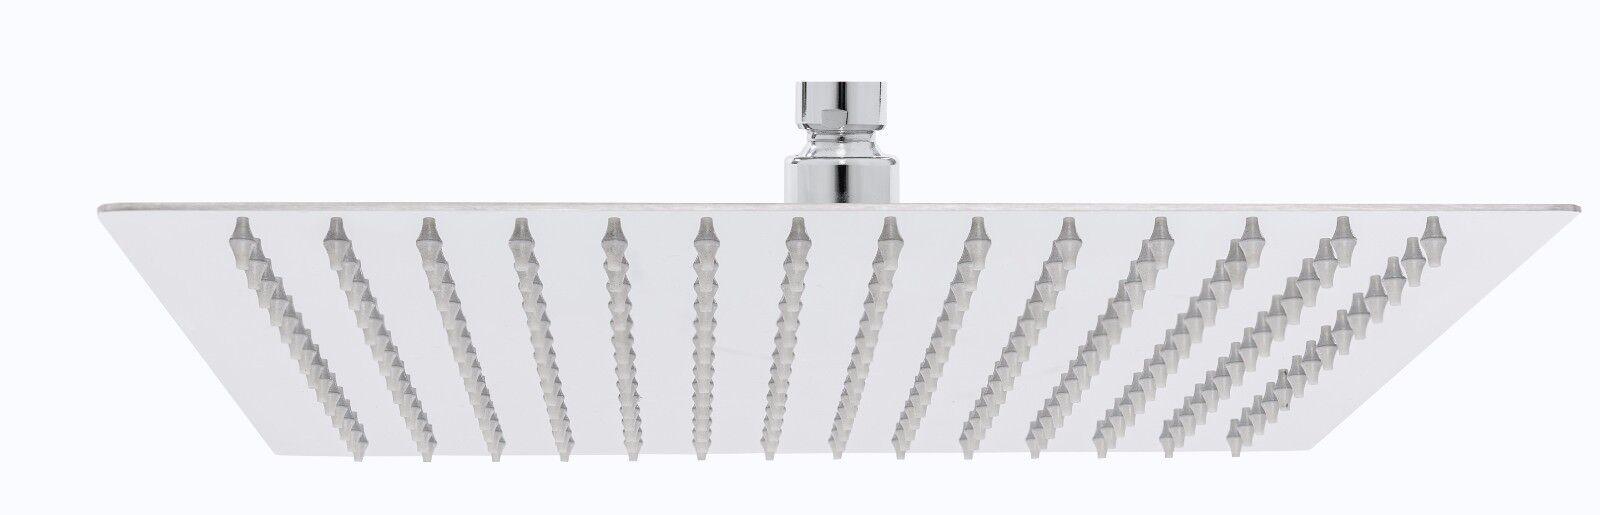 Duschkopf Regendusche Dusche Rainshower Edelstahl V304 Quadratisch